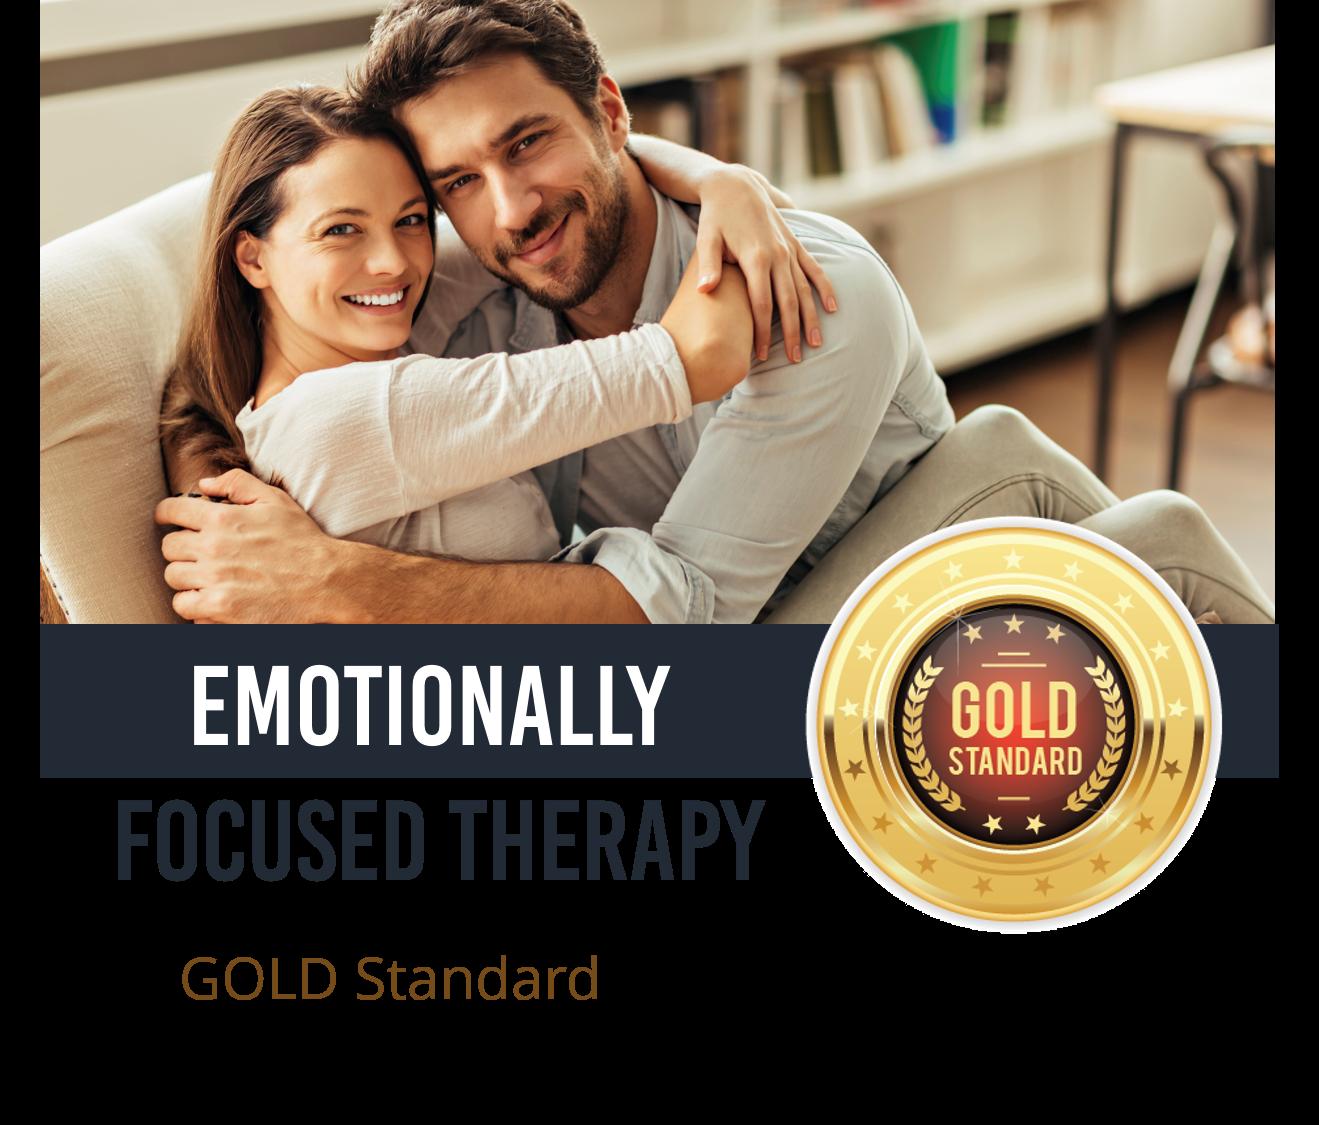 EFT Gold Standard